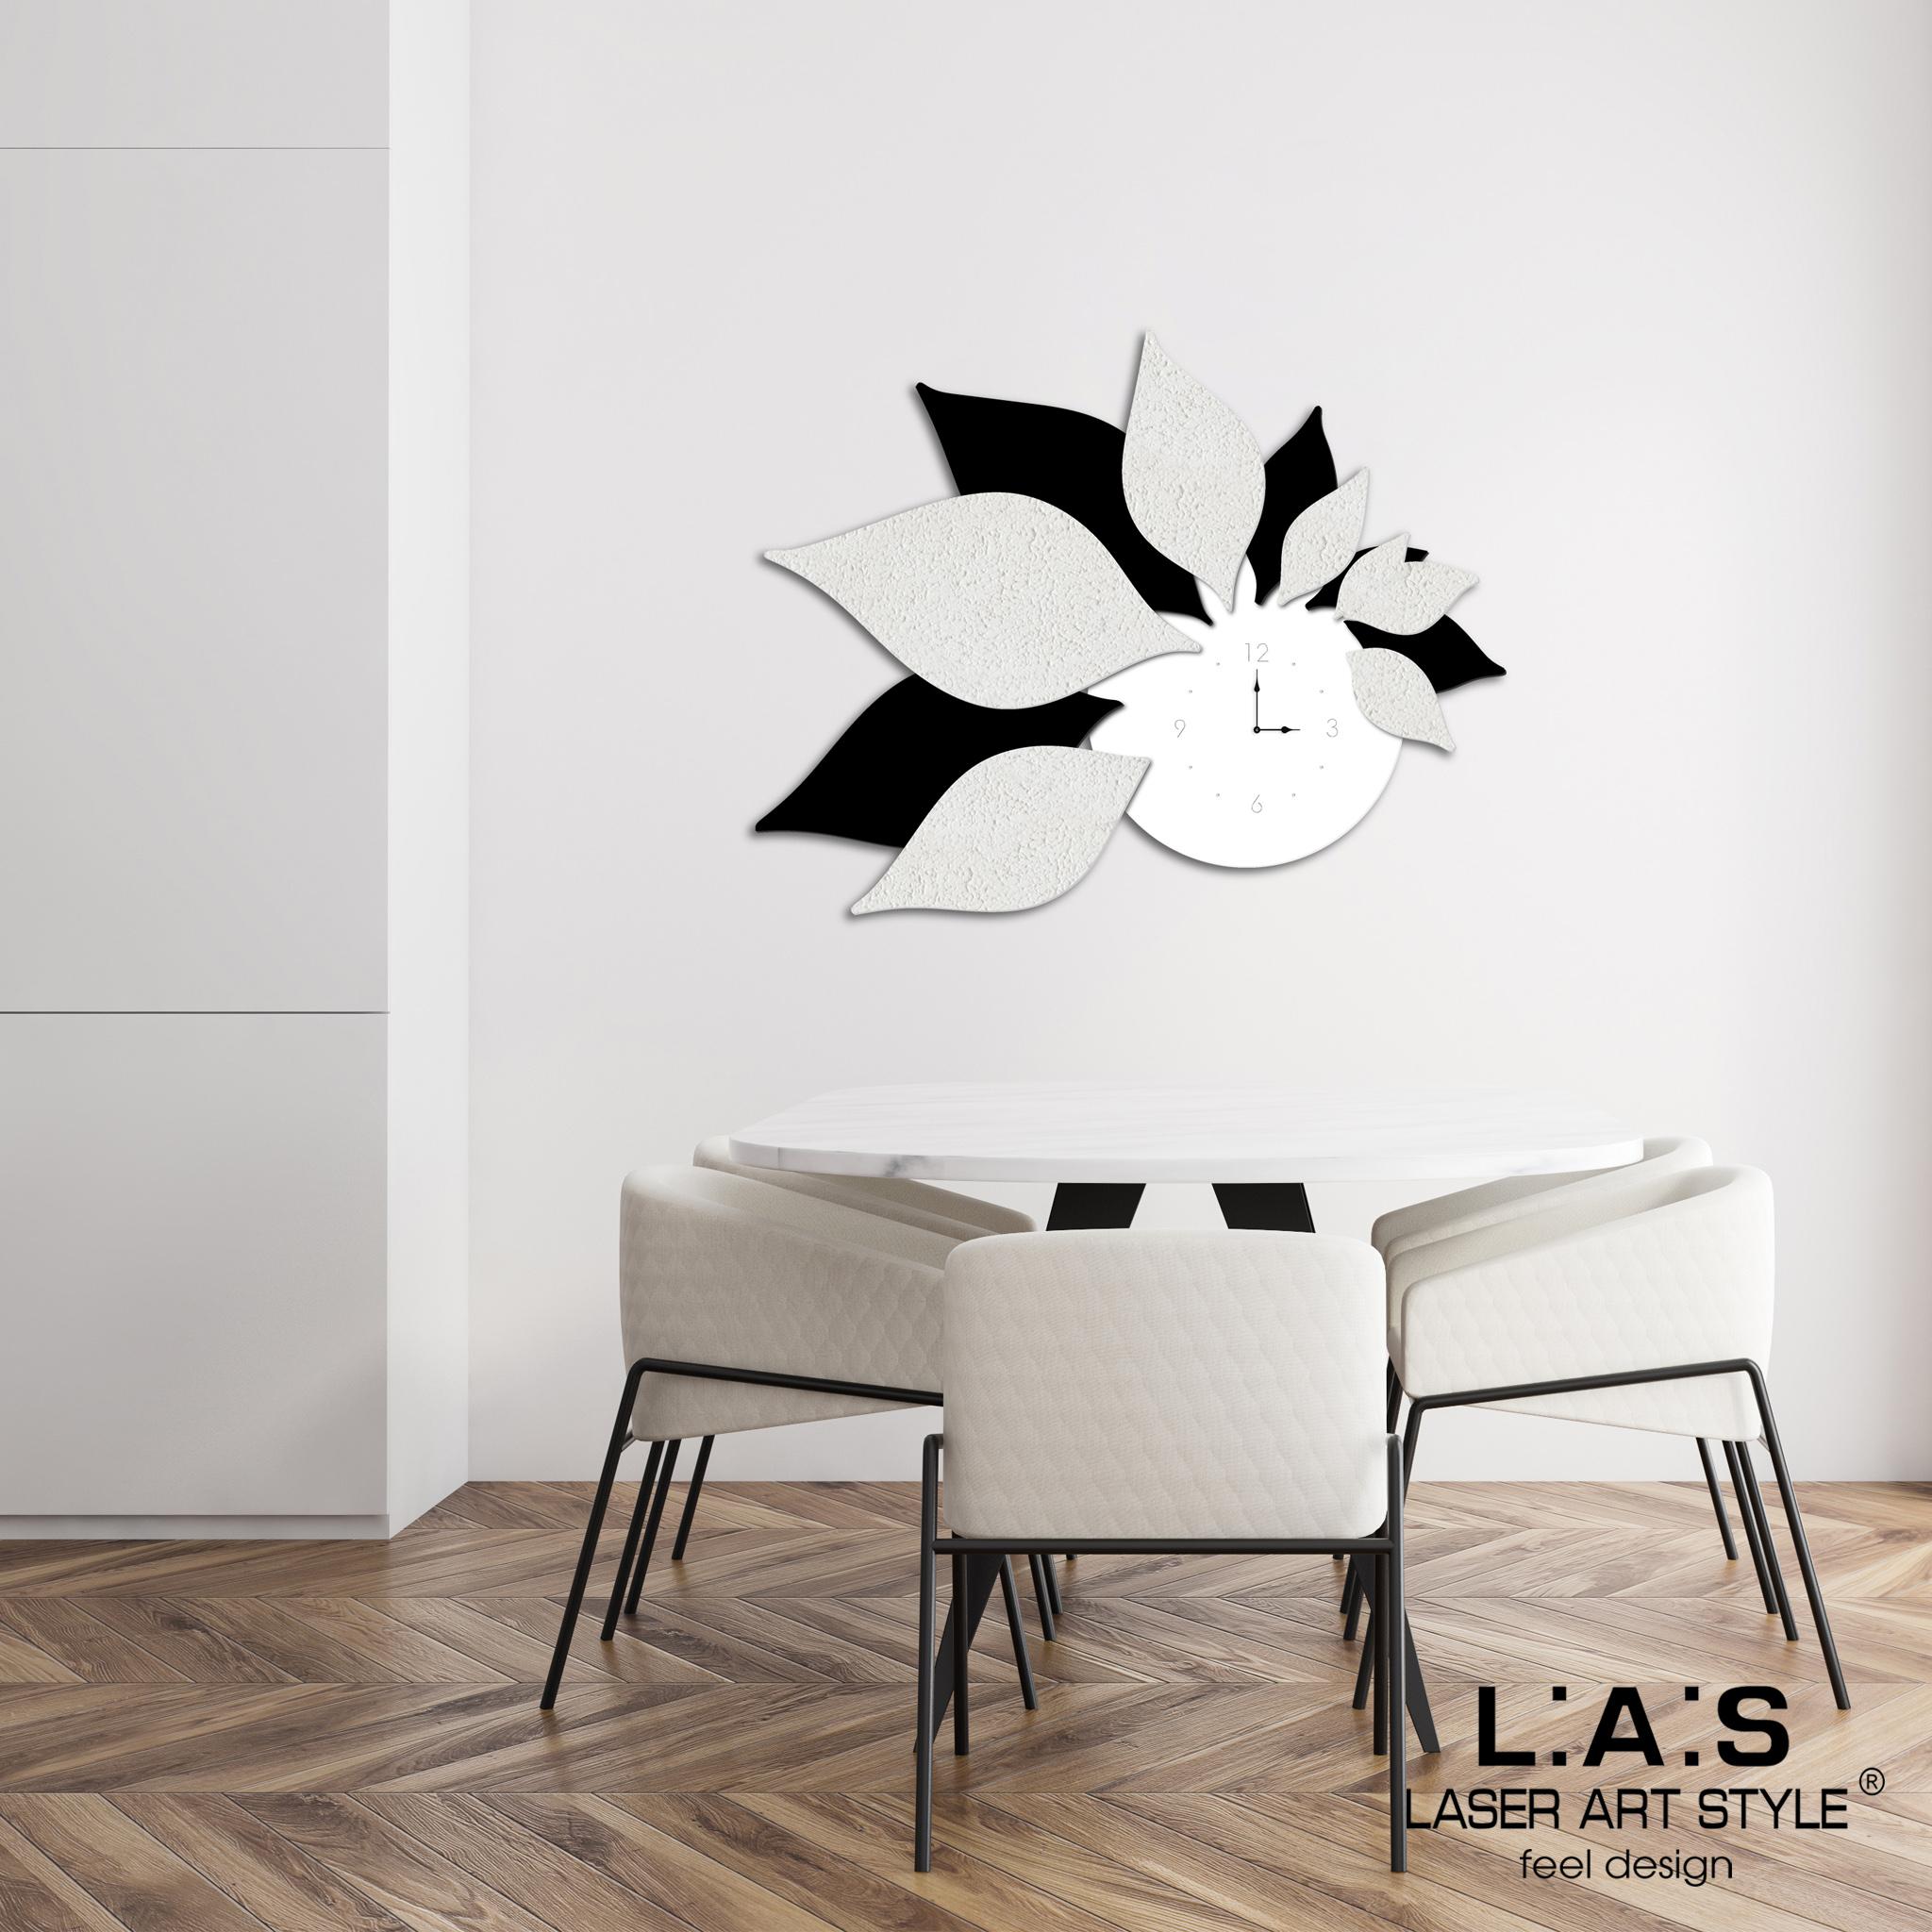 L:A:S - Laser Art Style - OROLOGIO DA PARETE DESIGN 3D SI-210 BIANCO-NERO-DECORO STUCCO NERO